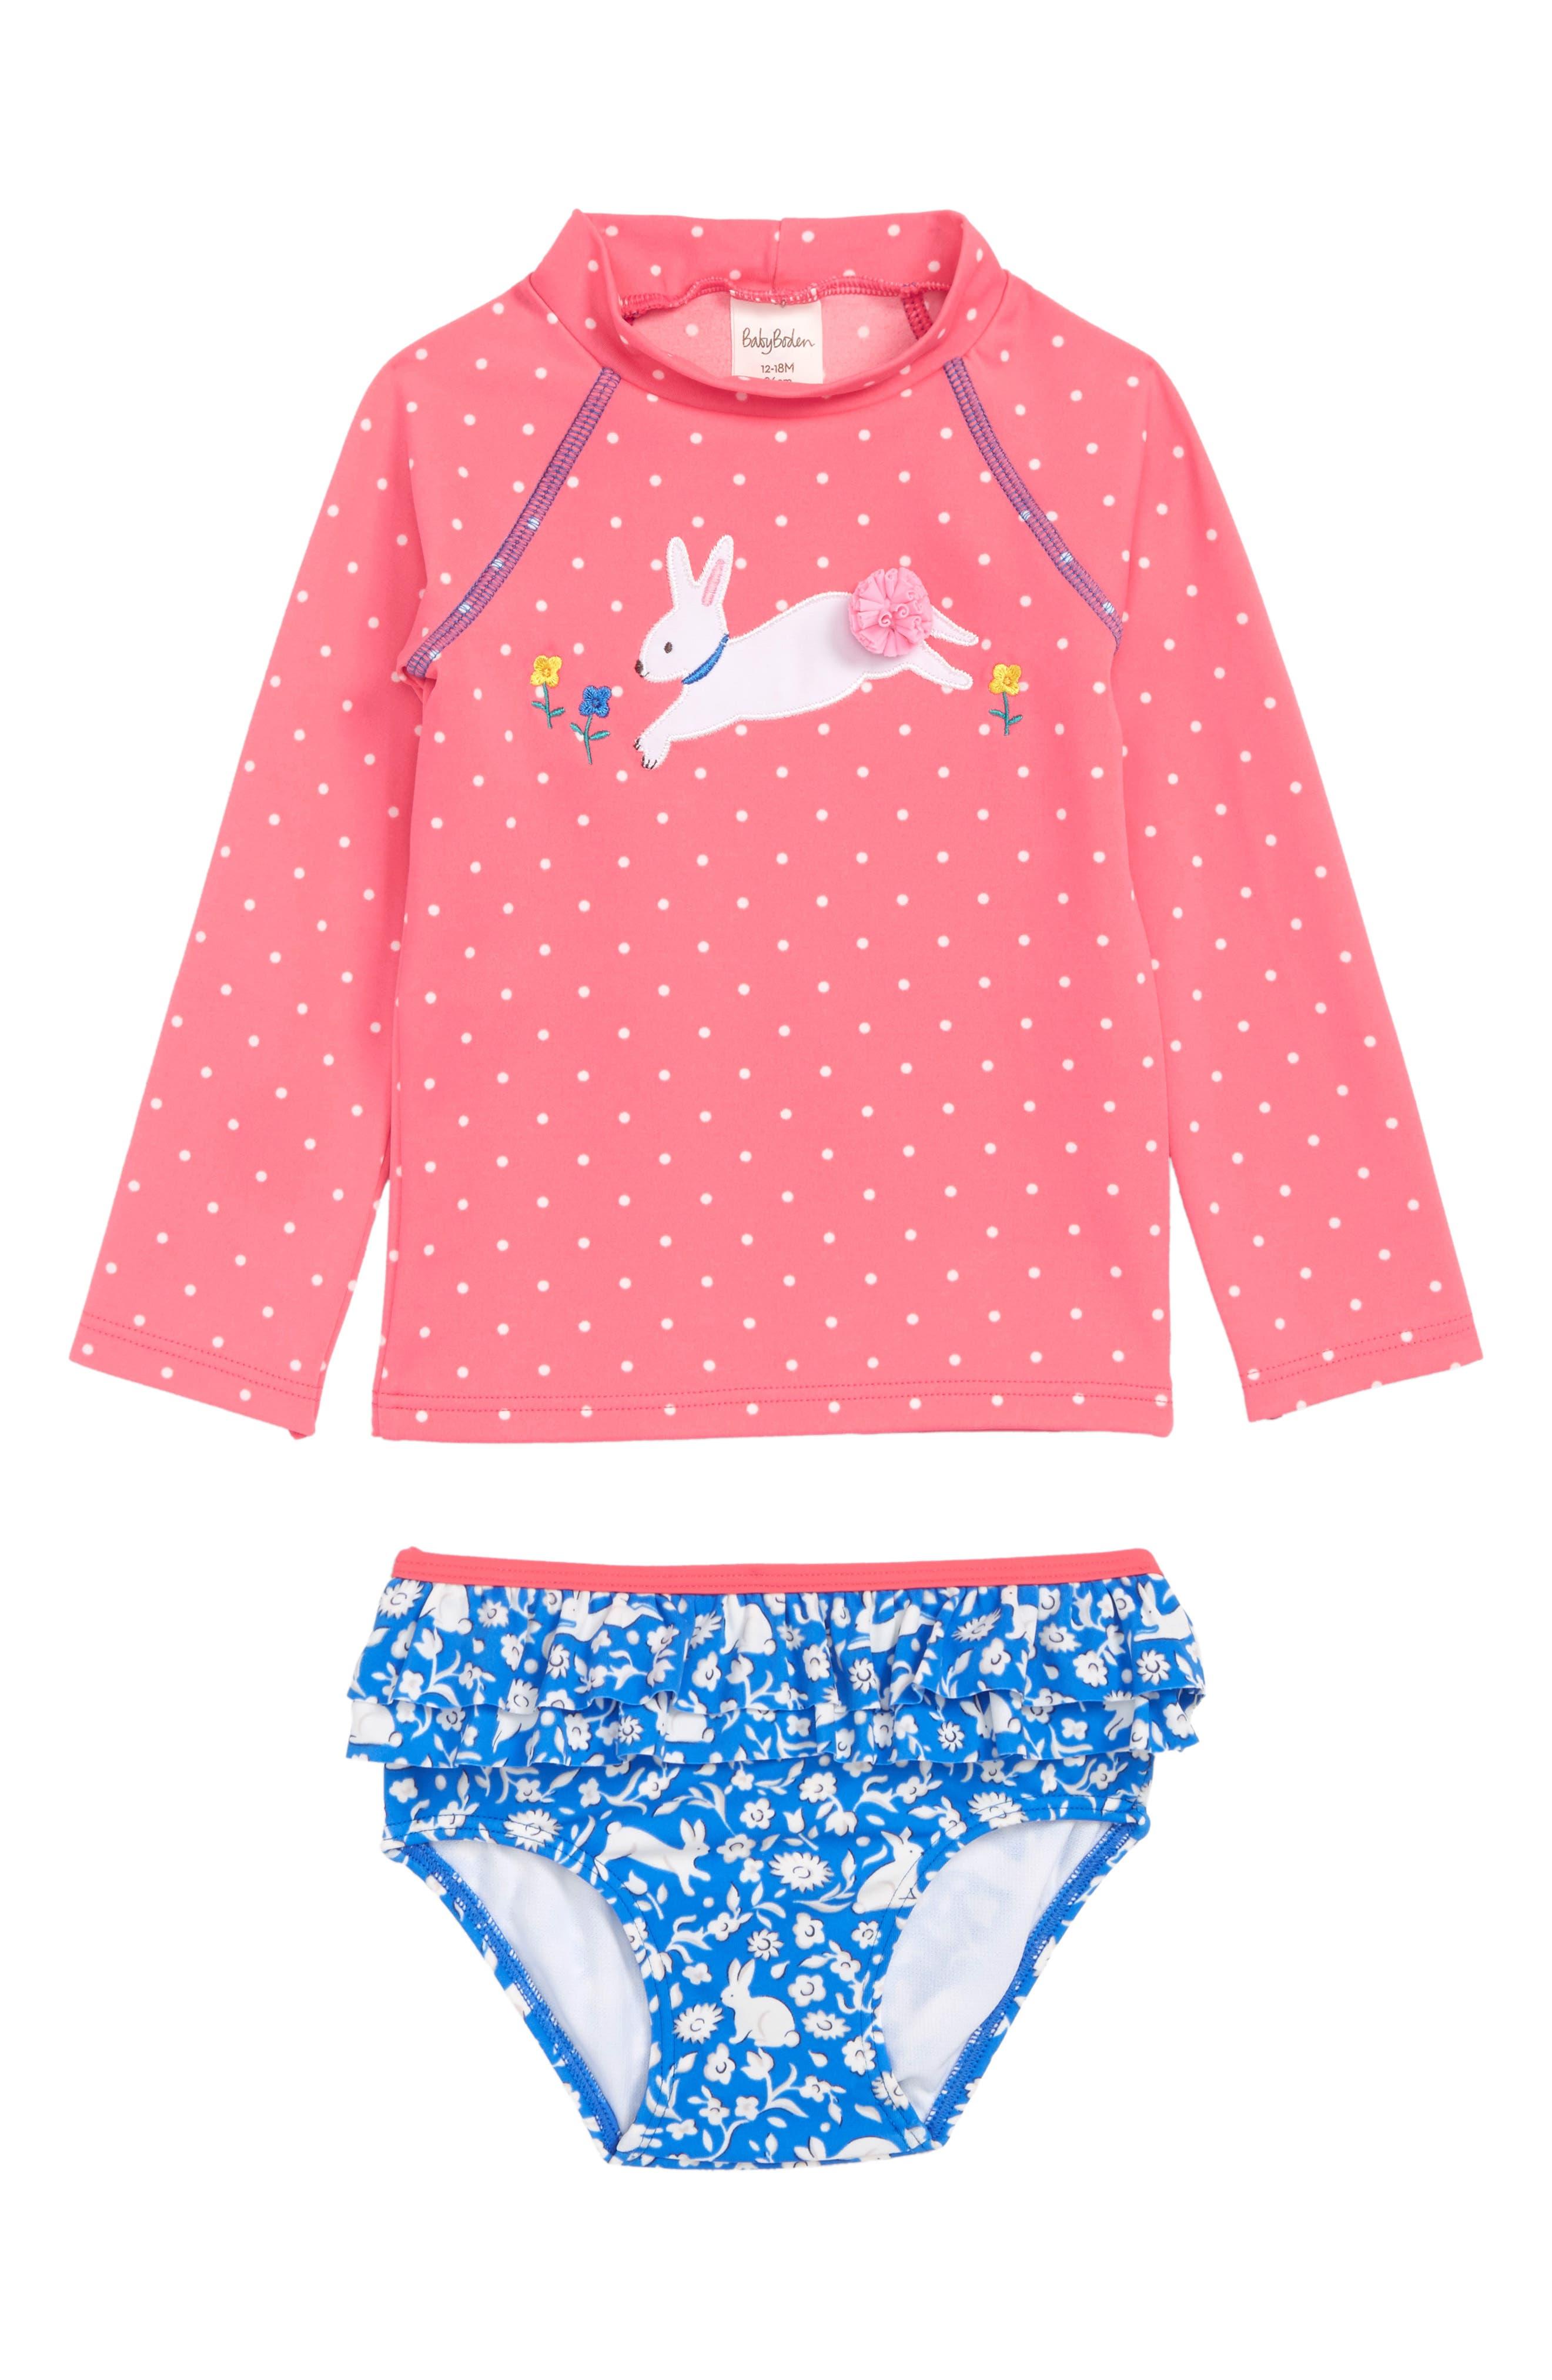 1e86004e845d Mini Boden Baby Girl Clothing  Dresses